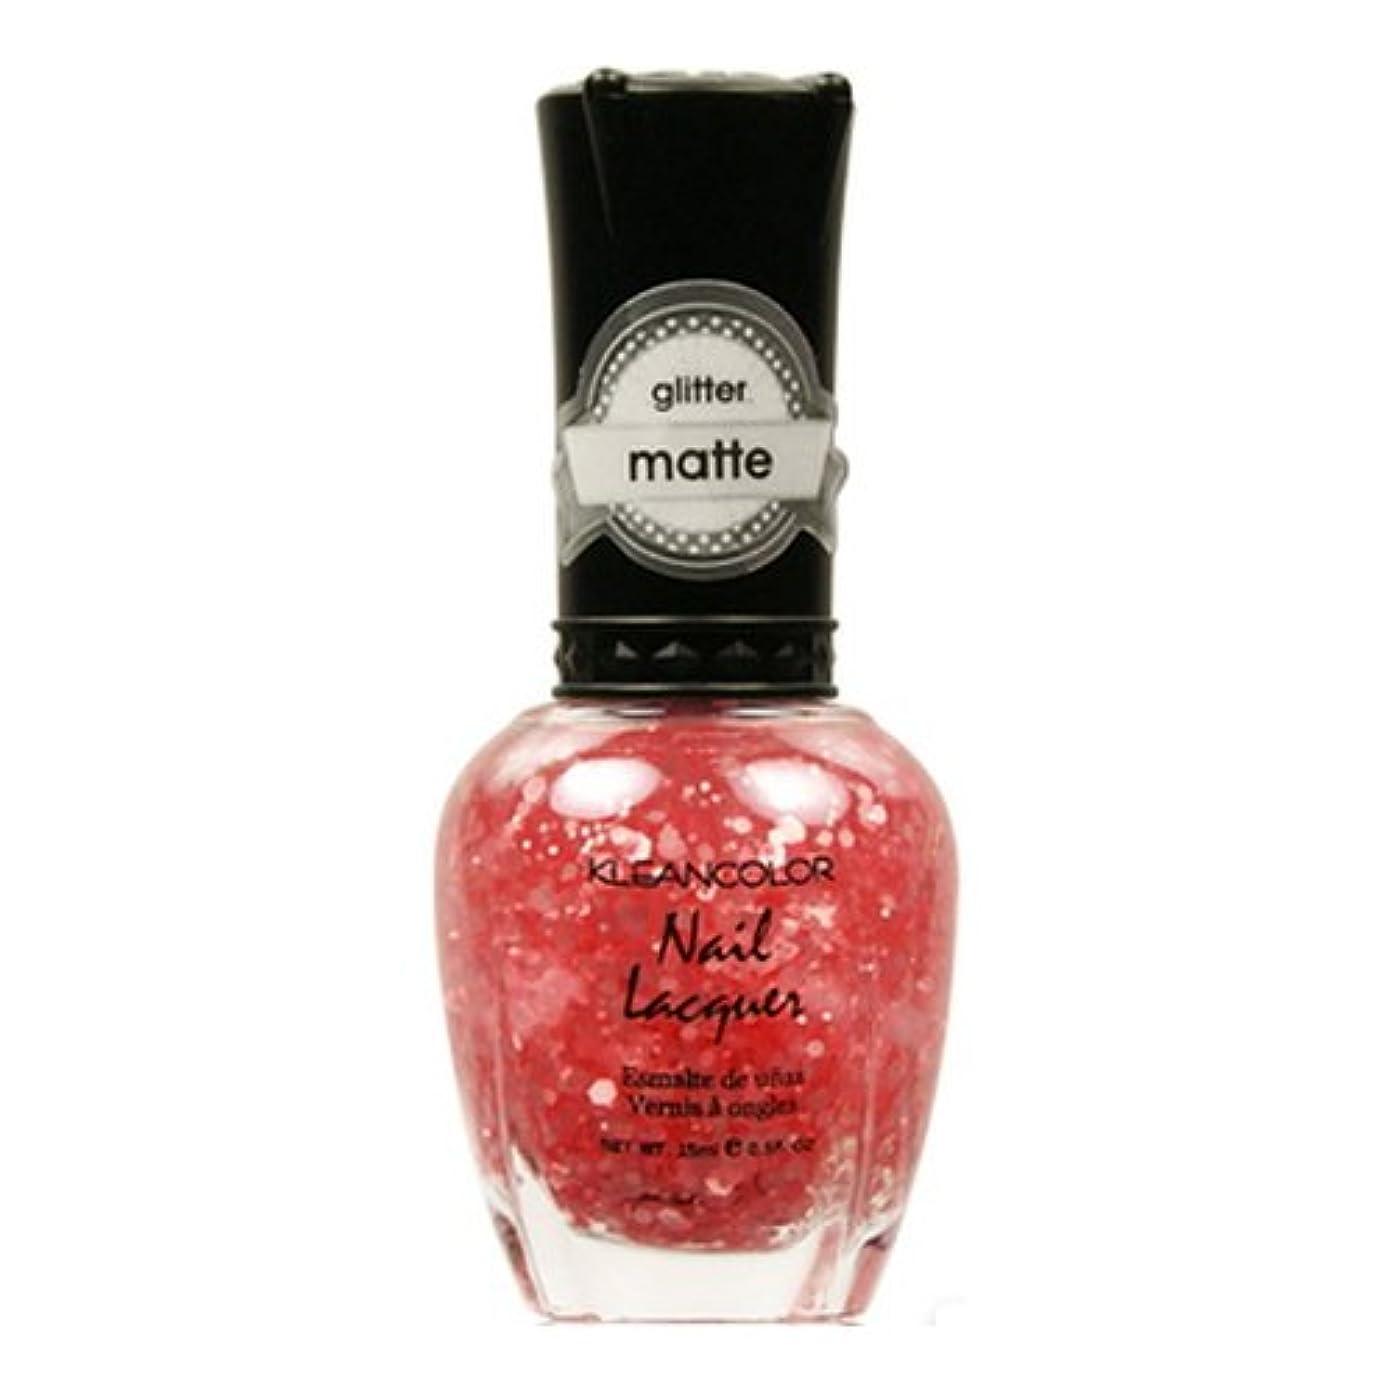 アルファベット電話逆にKLEANCOLOR Glitter Matte Nail Lacquer - Blush Pink (並行輸入品)